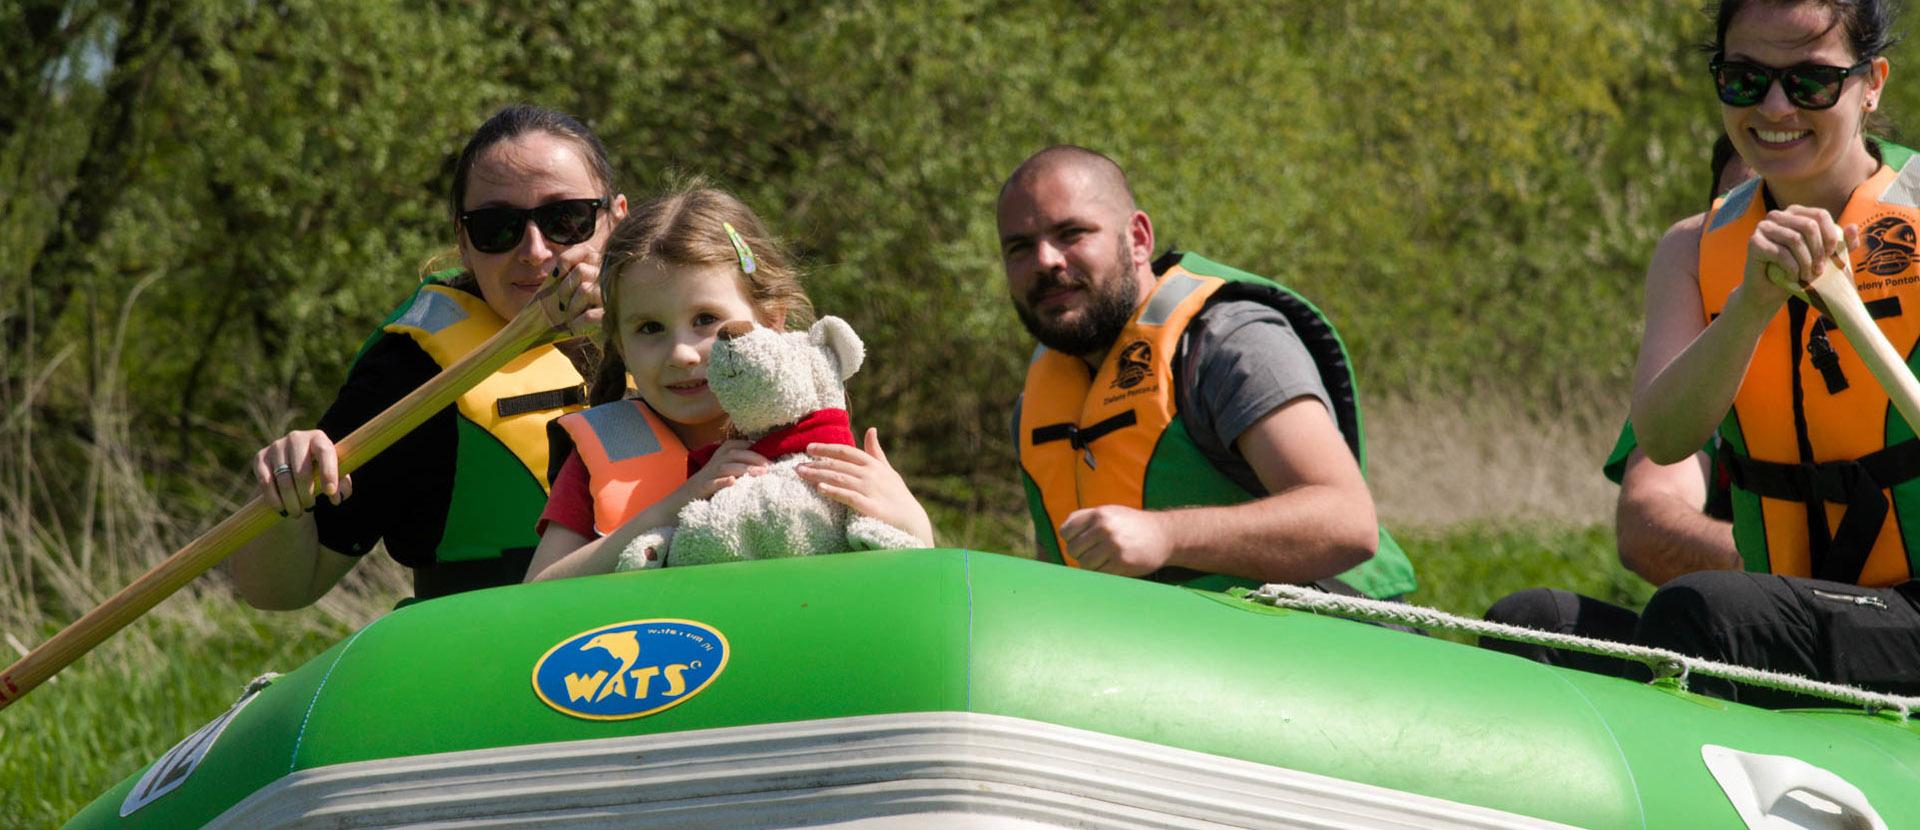 Dziewczynka zabrała misia na spływ Sanem.